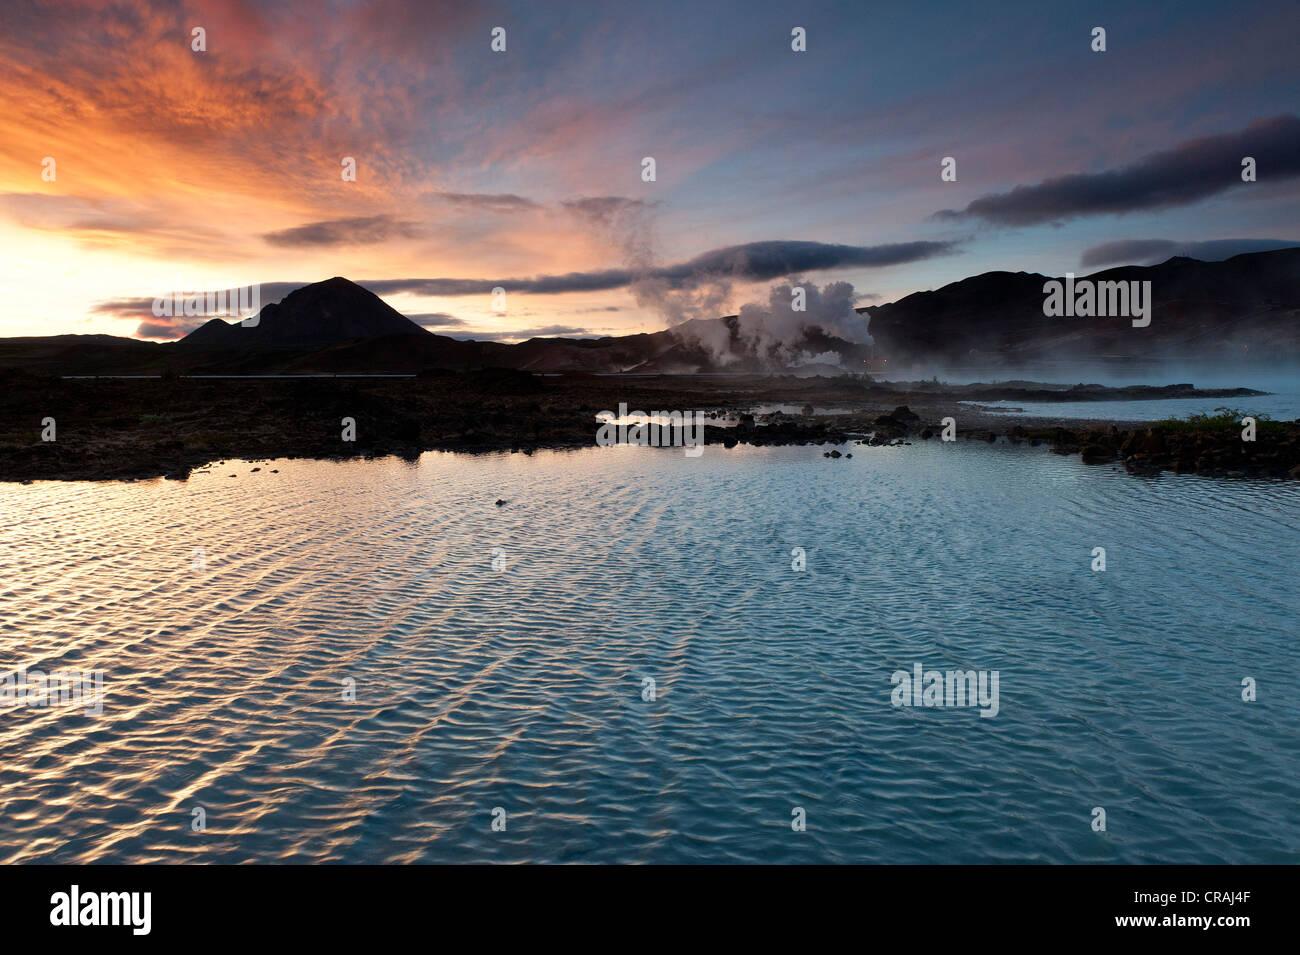 La production d'énergie, l'énergie géothermique, près du lac Myvatn, le nord de l'Islande, Photo Stock